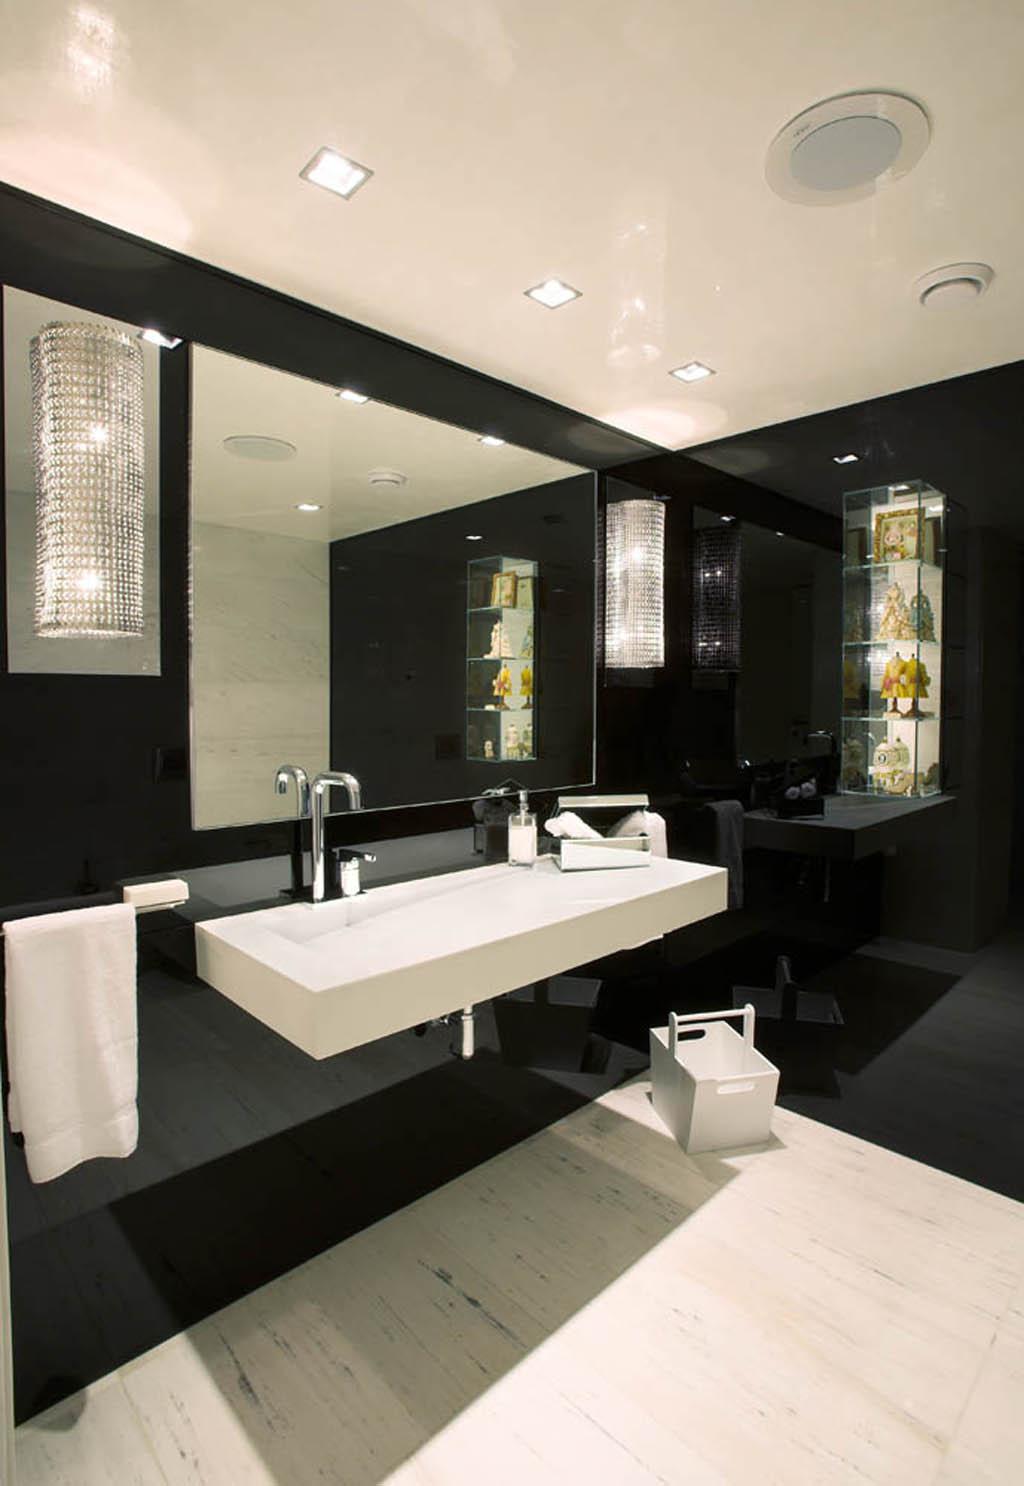 banheiro a cor preta predomina. Os destaques ficaram para a cor branca  #A48327 1024x1486 Banheiro Bancada Branca